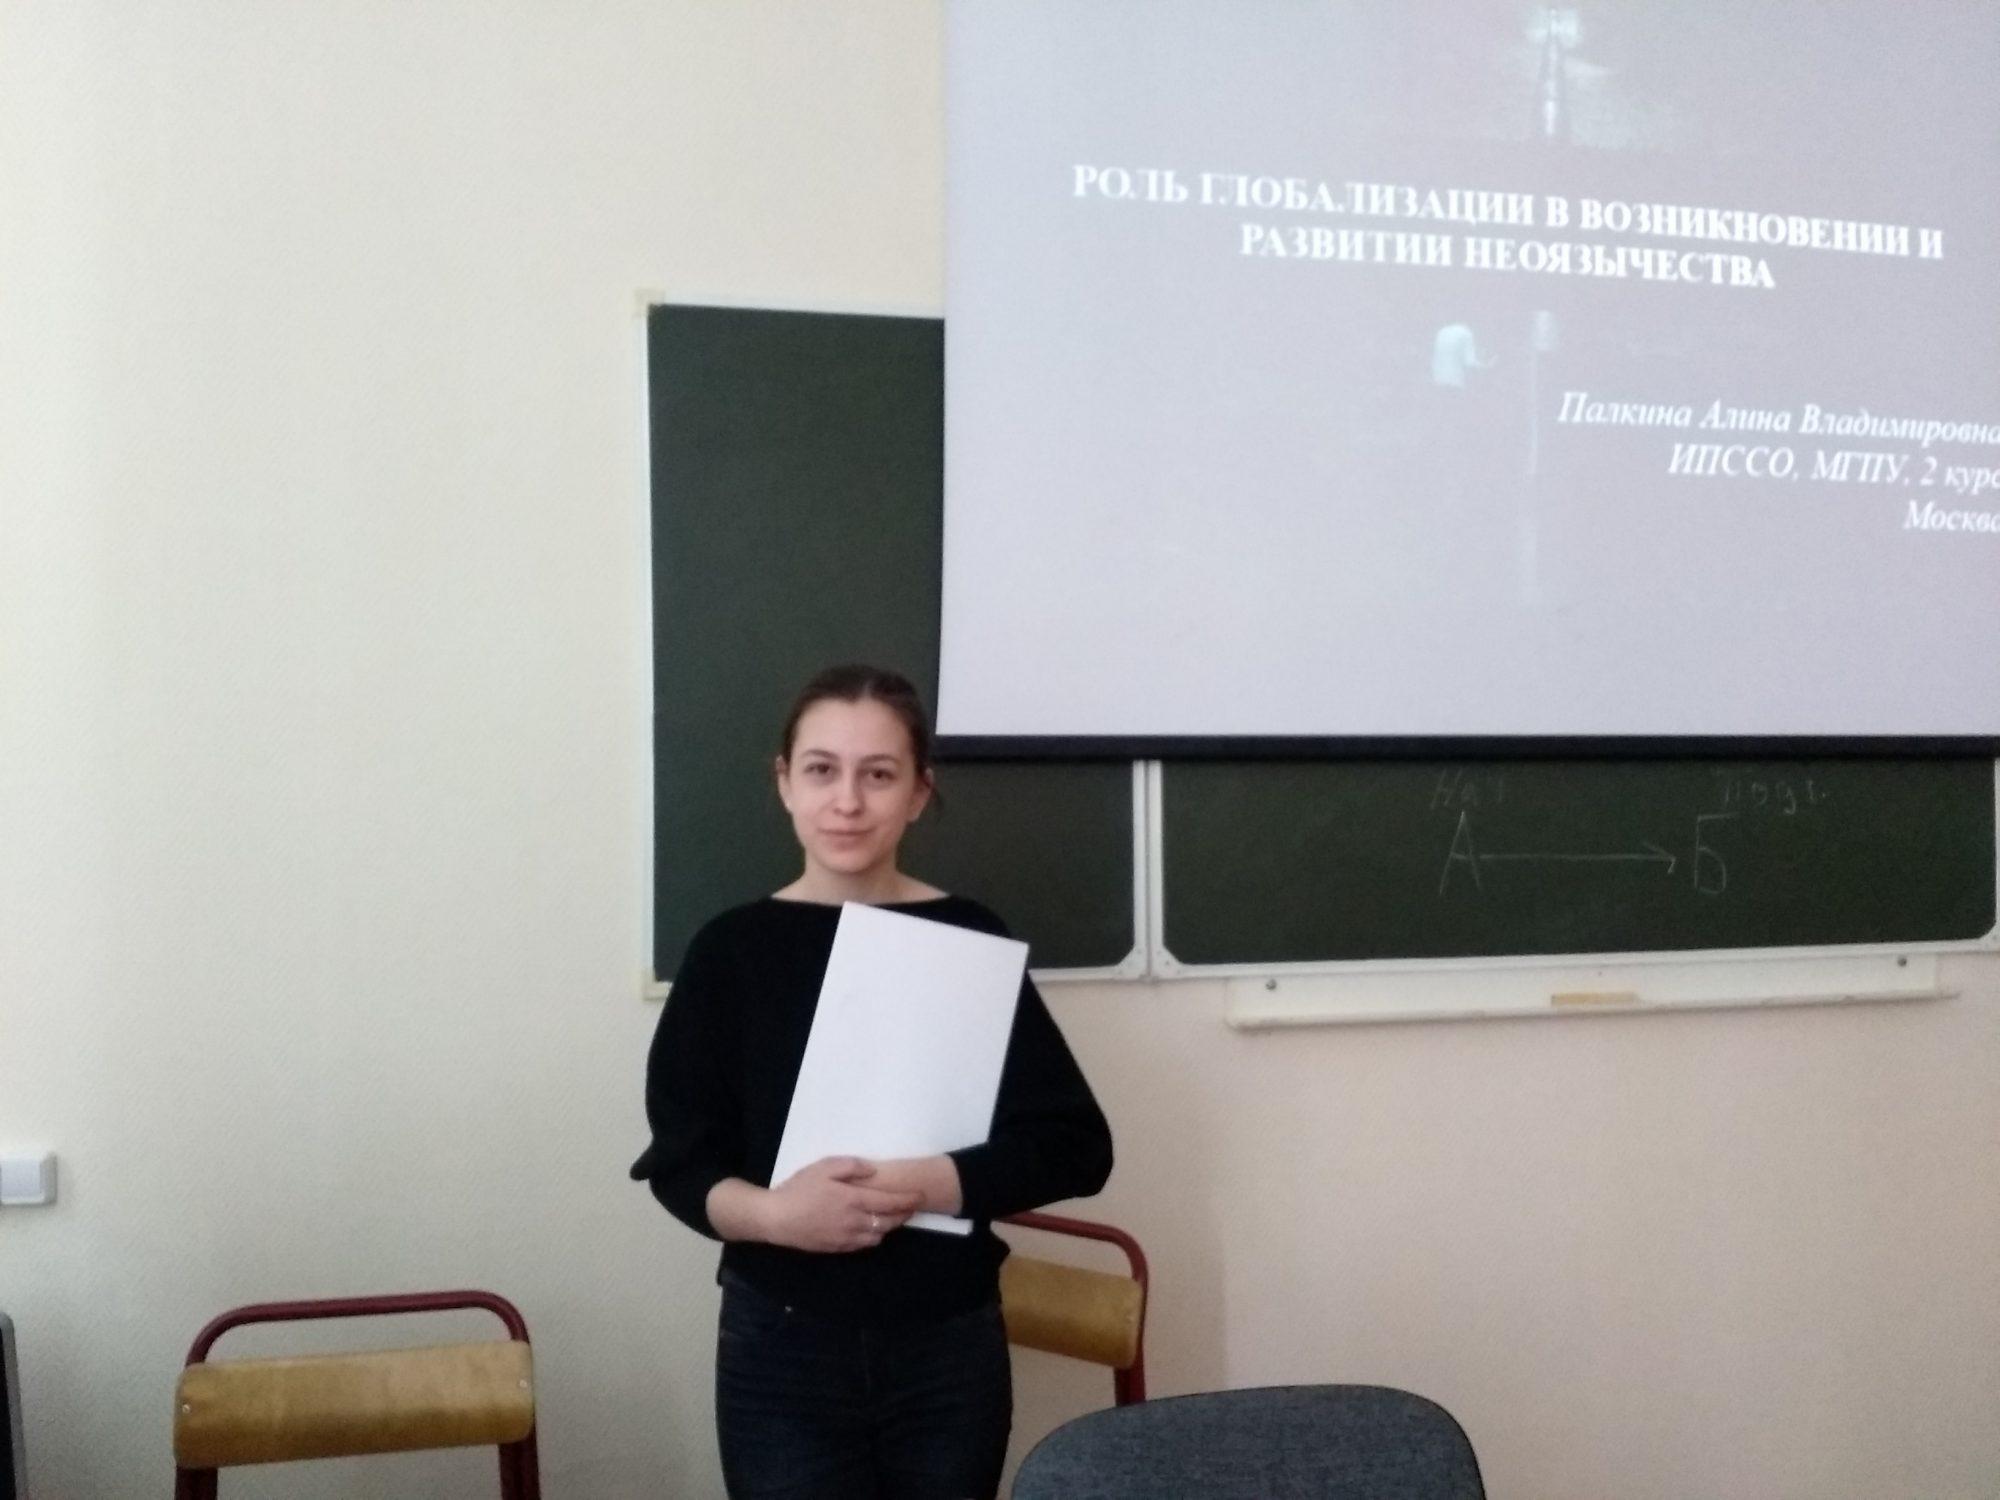 IМеждународная студенческая конференция «Актуальные проблемы личности, образования иобщества вконтексте социально-гуманитарных наук»